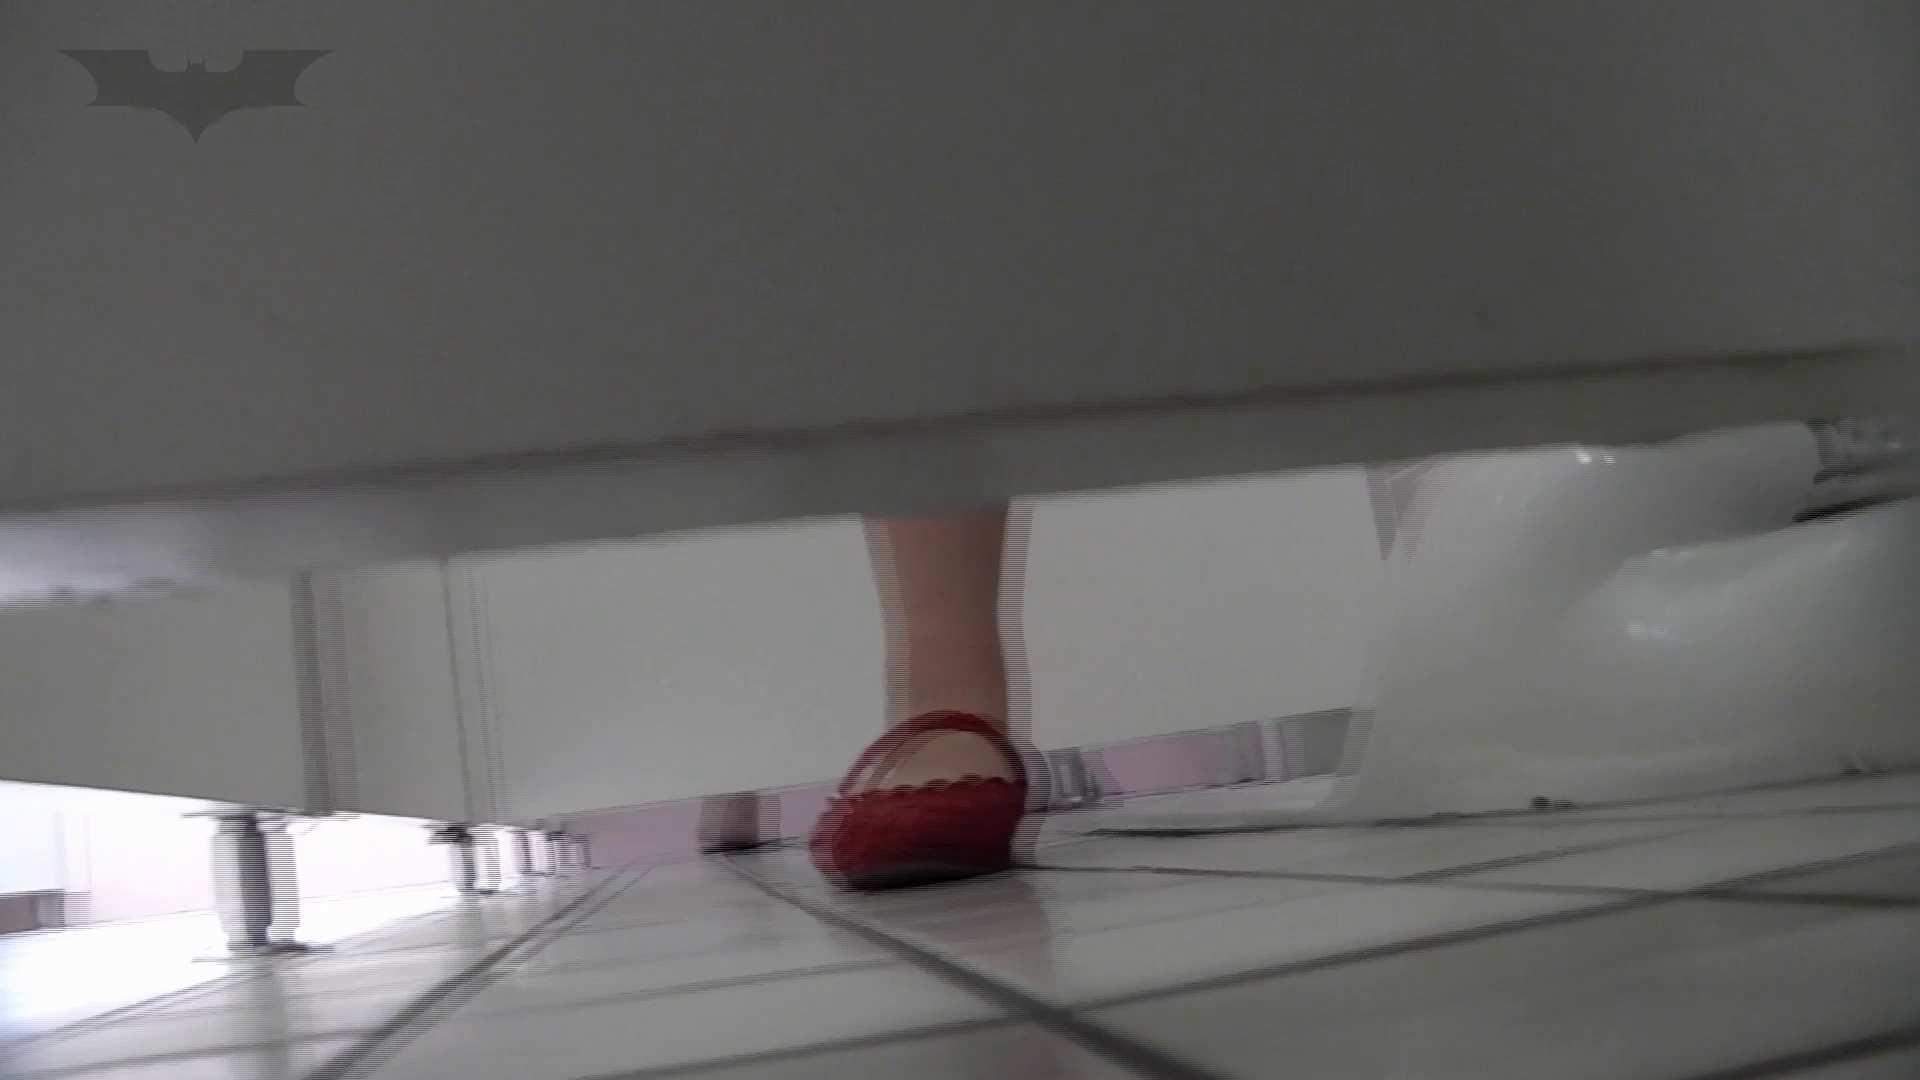 美しい日本の未来 No.36 進歩3連続作戦【2015・28位】 盗撮エロすぎ | おまんこ無修正  28連発